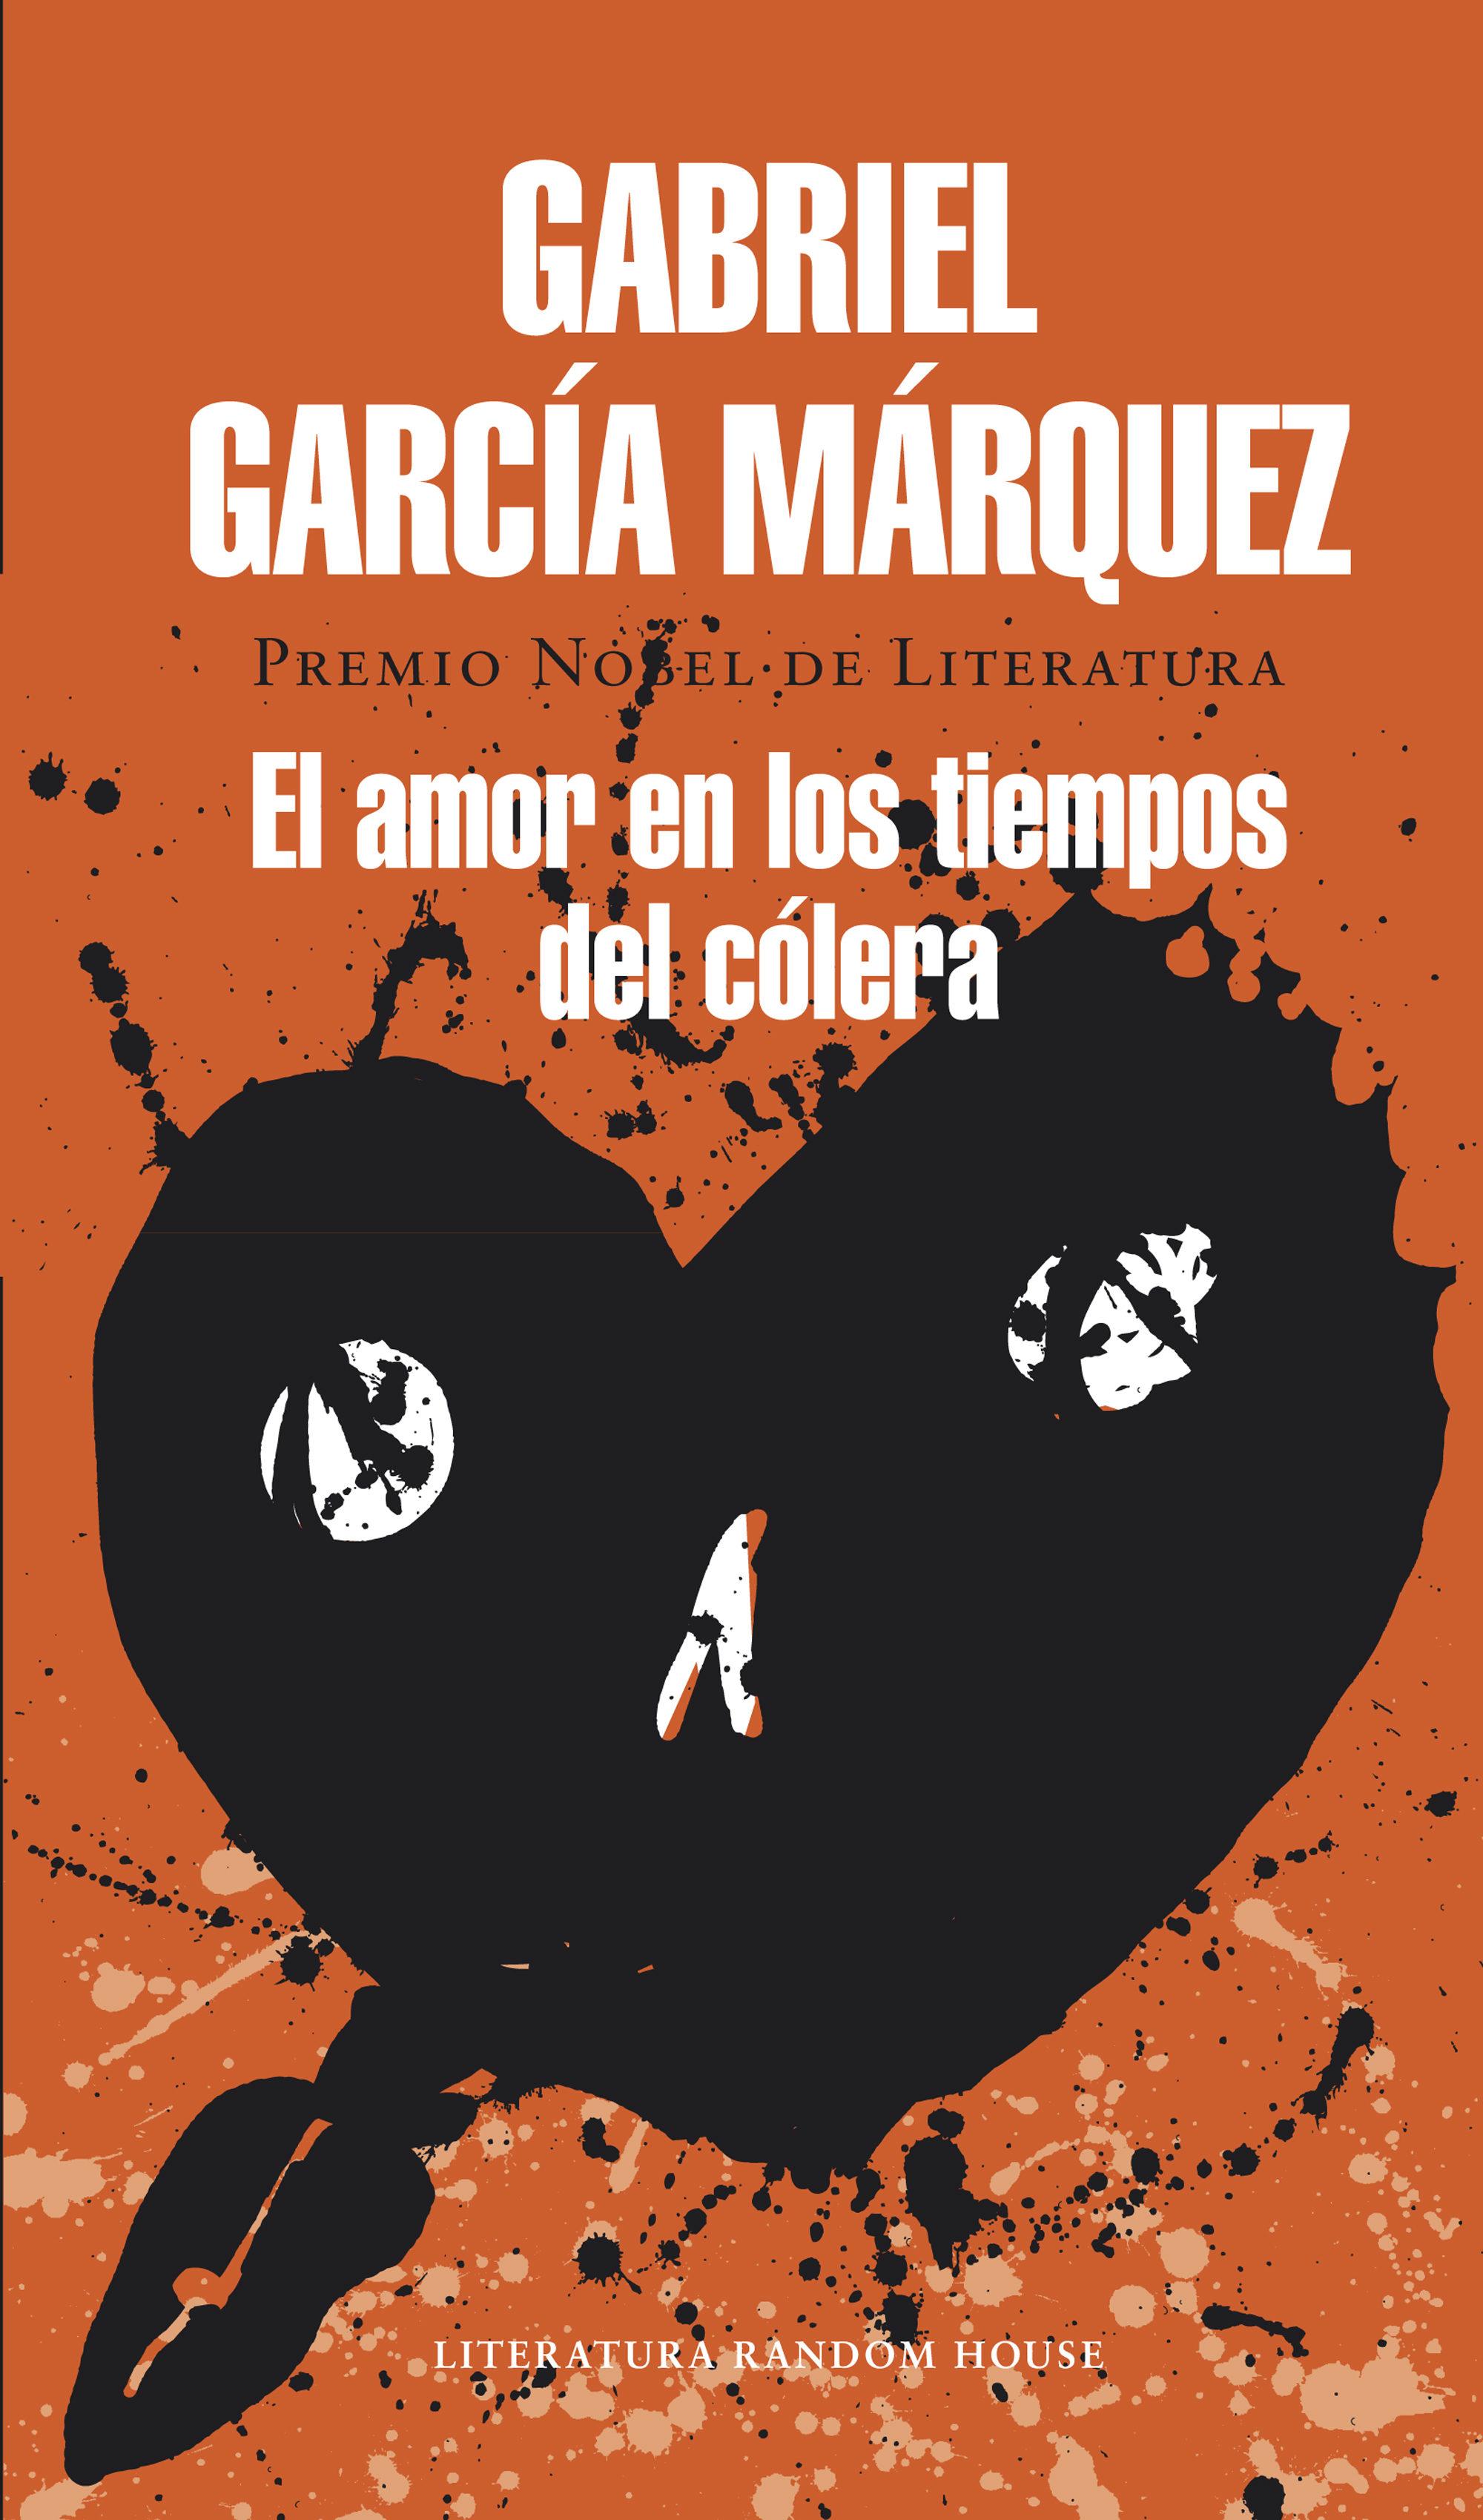 El amor en los tiempos del c lera ebook gabriel garcia marquez 9788439729983